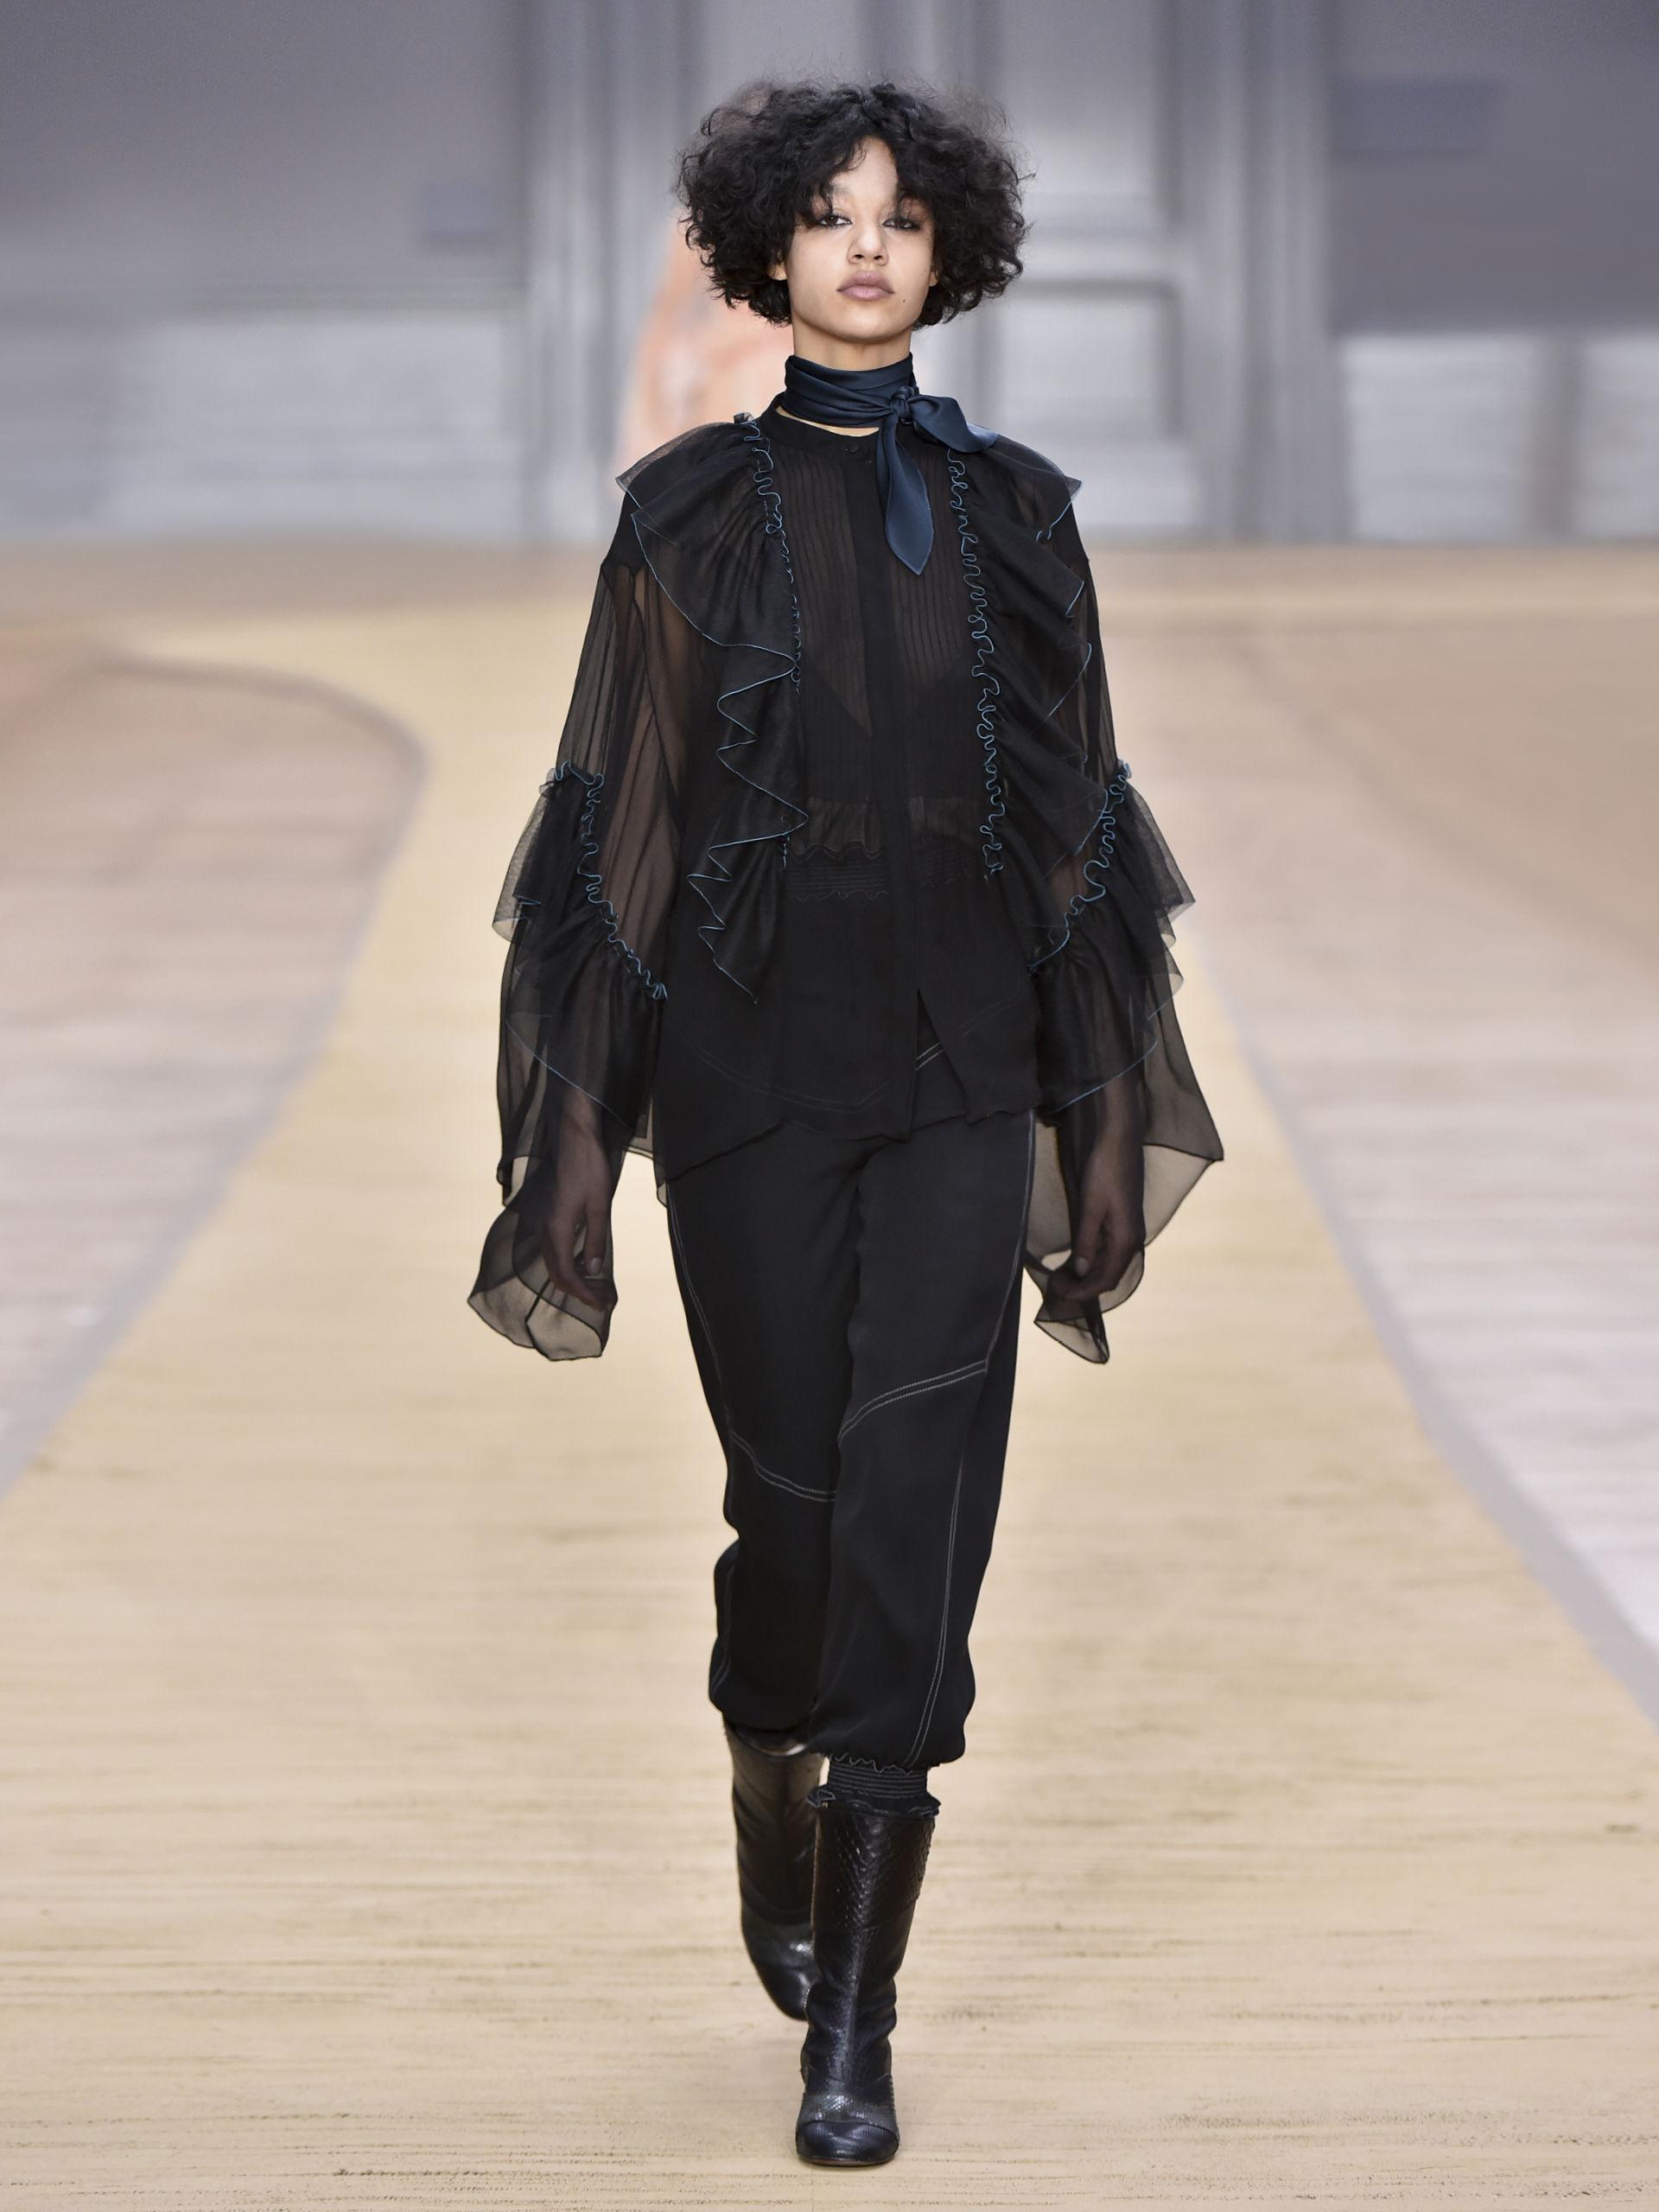 Черная рубашка женская оверсайз